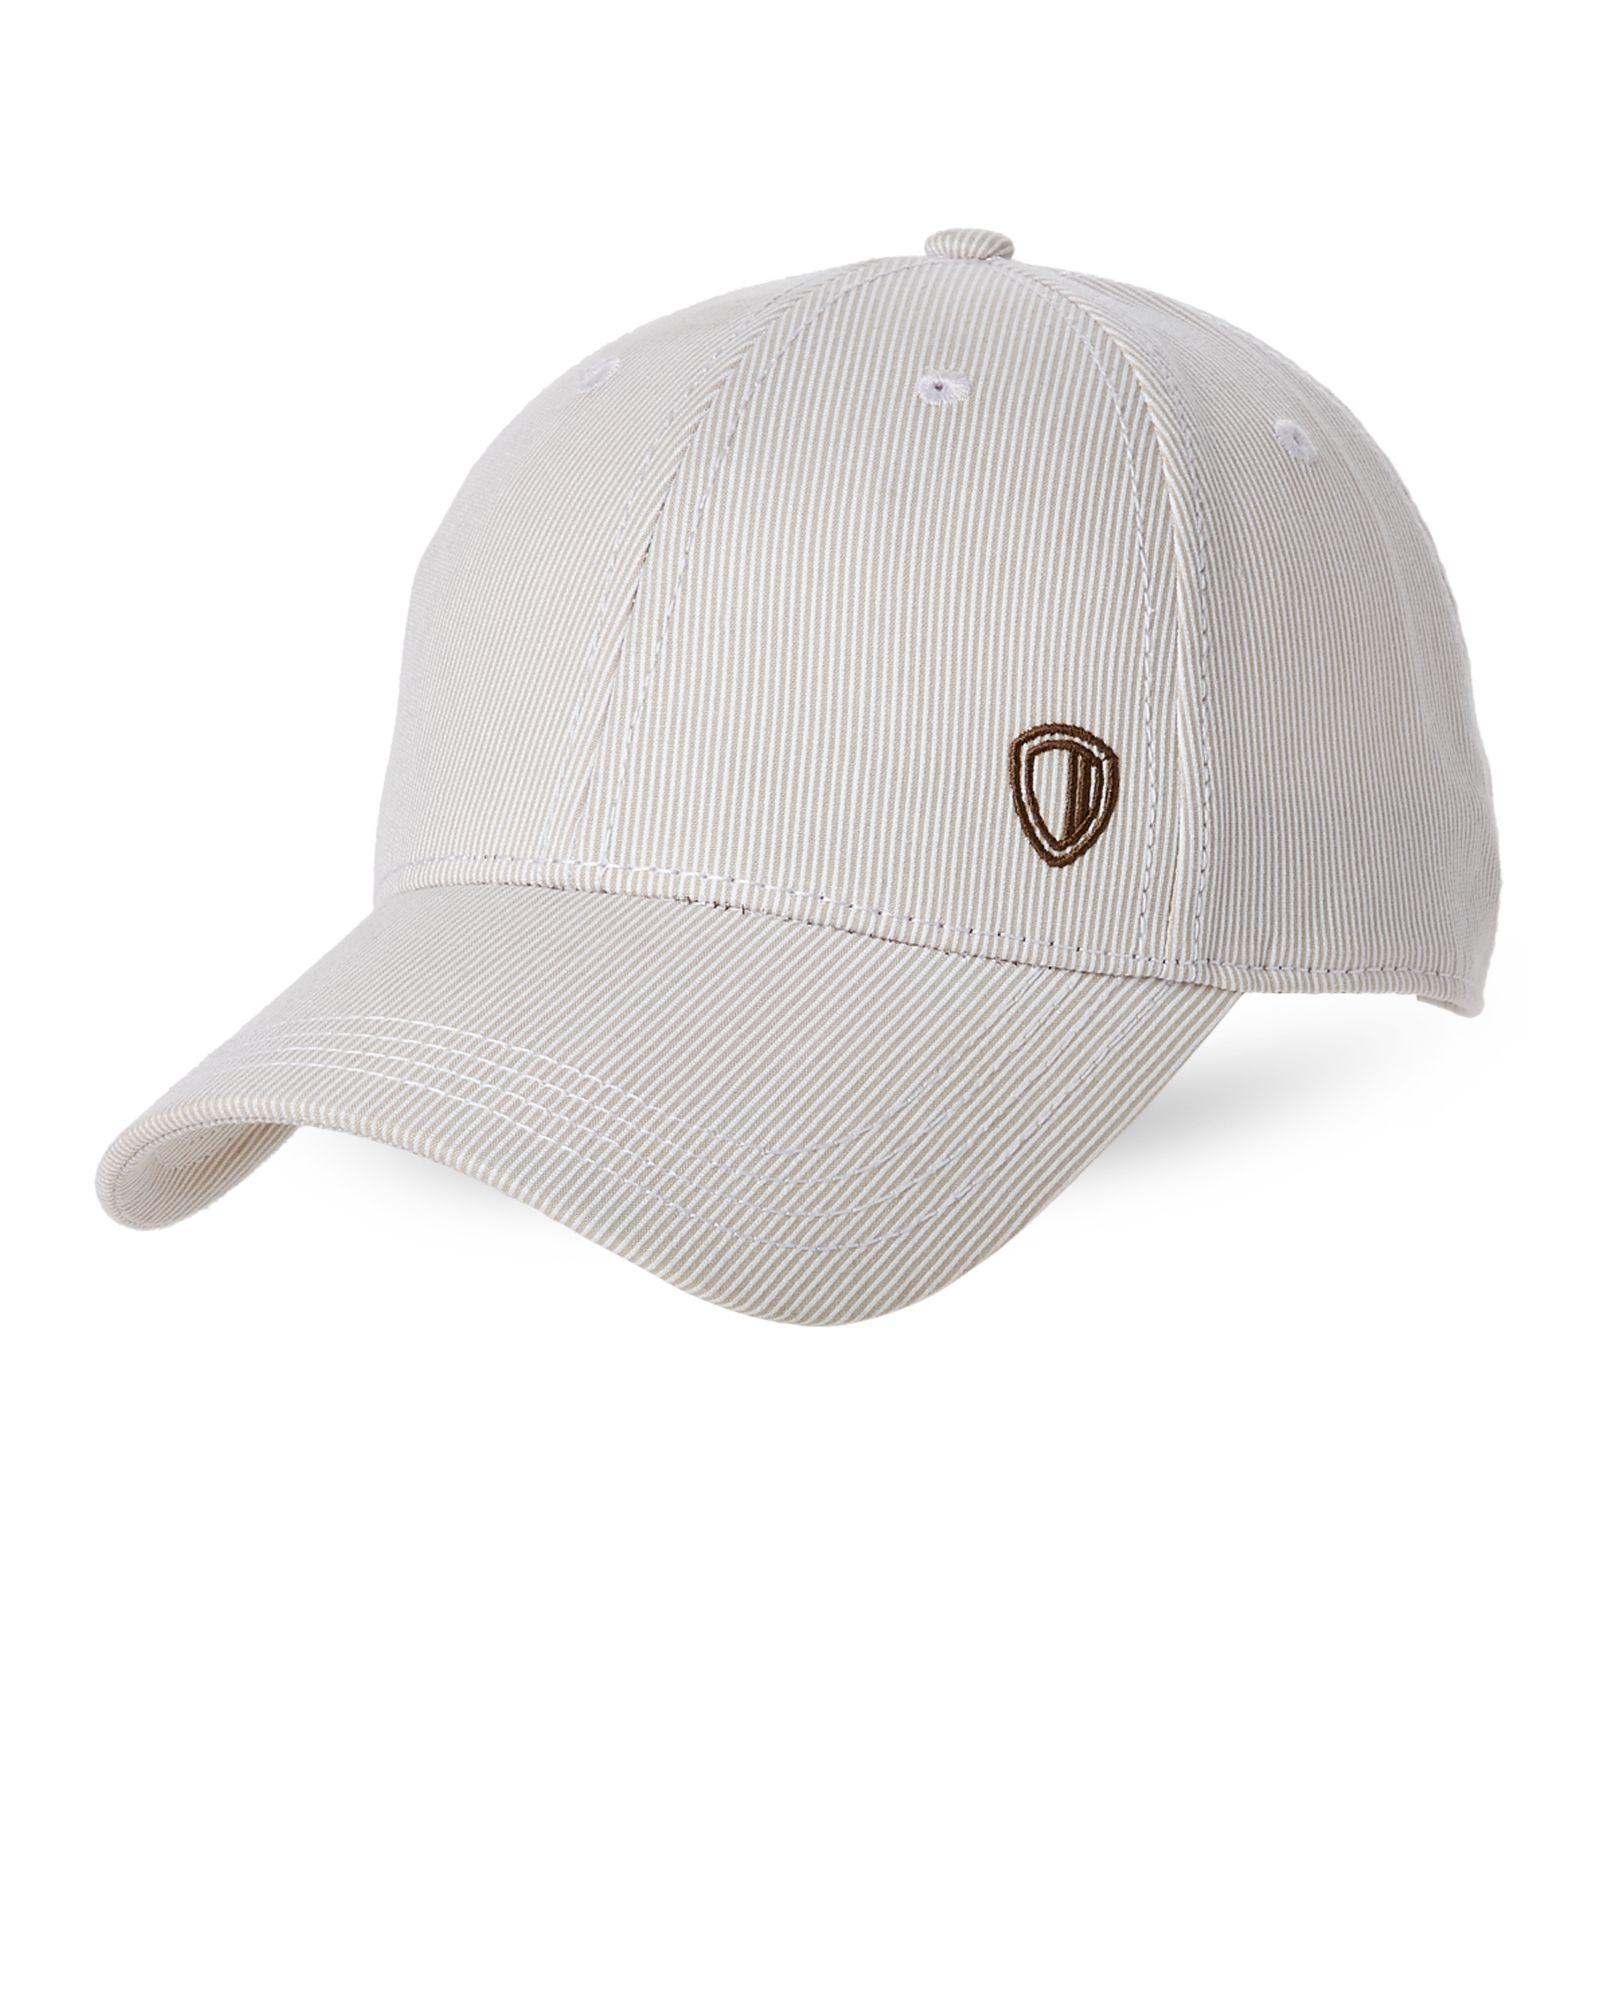 dd22e80e8f5c2 Ben Sherman Cord Lane Baseball Hat